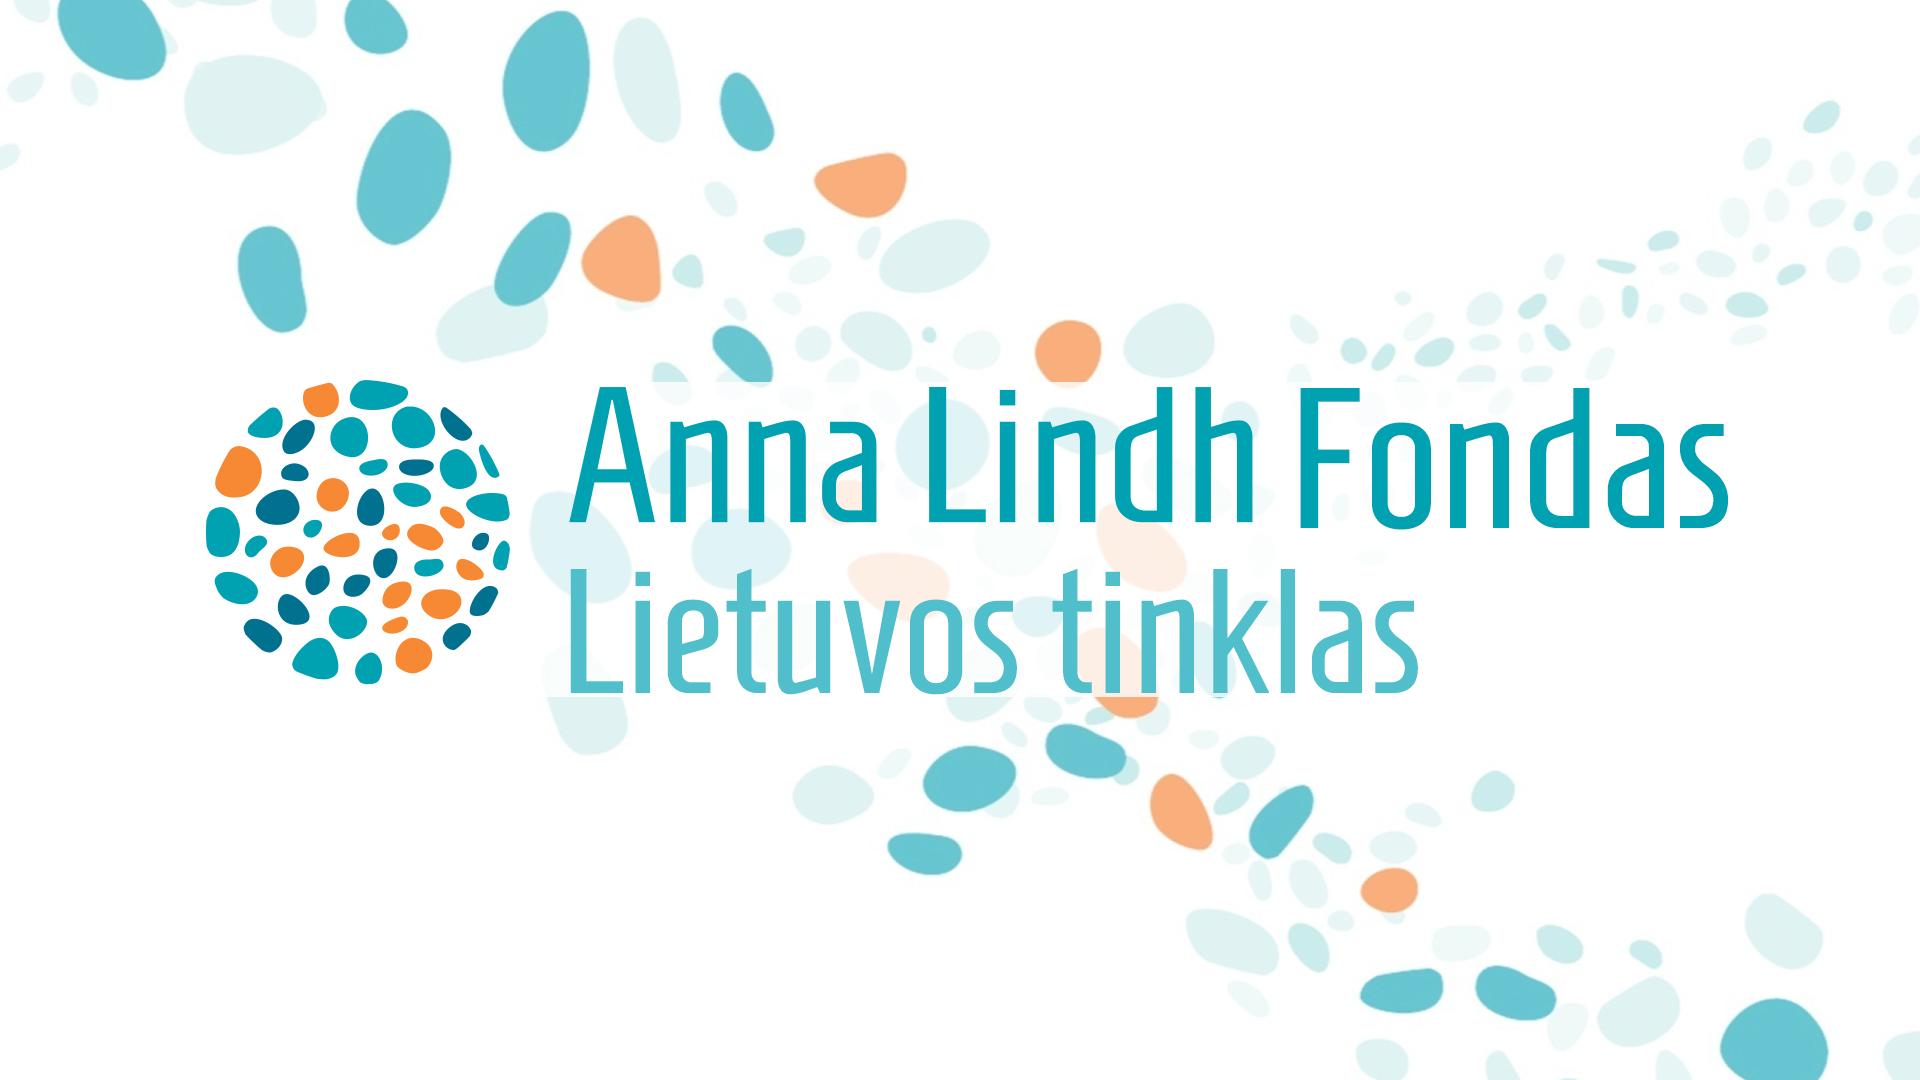 Anna Linndh Fondas